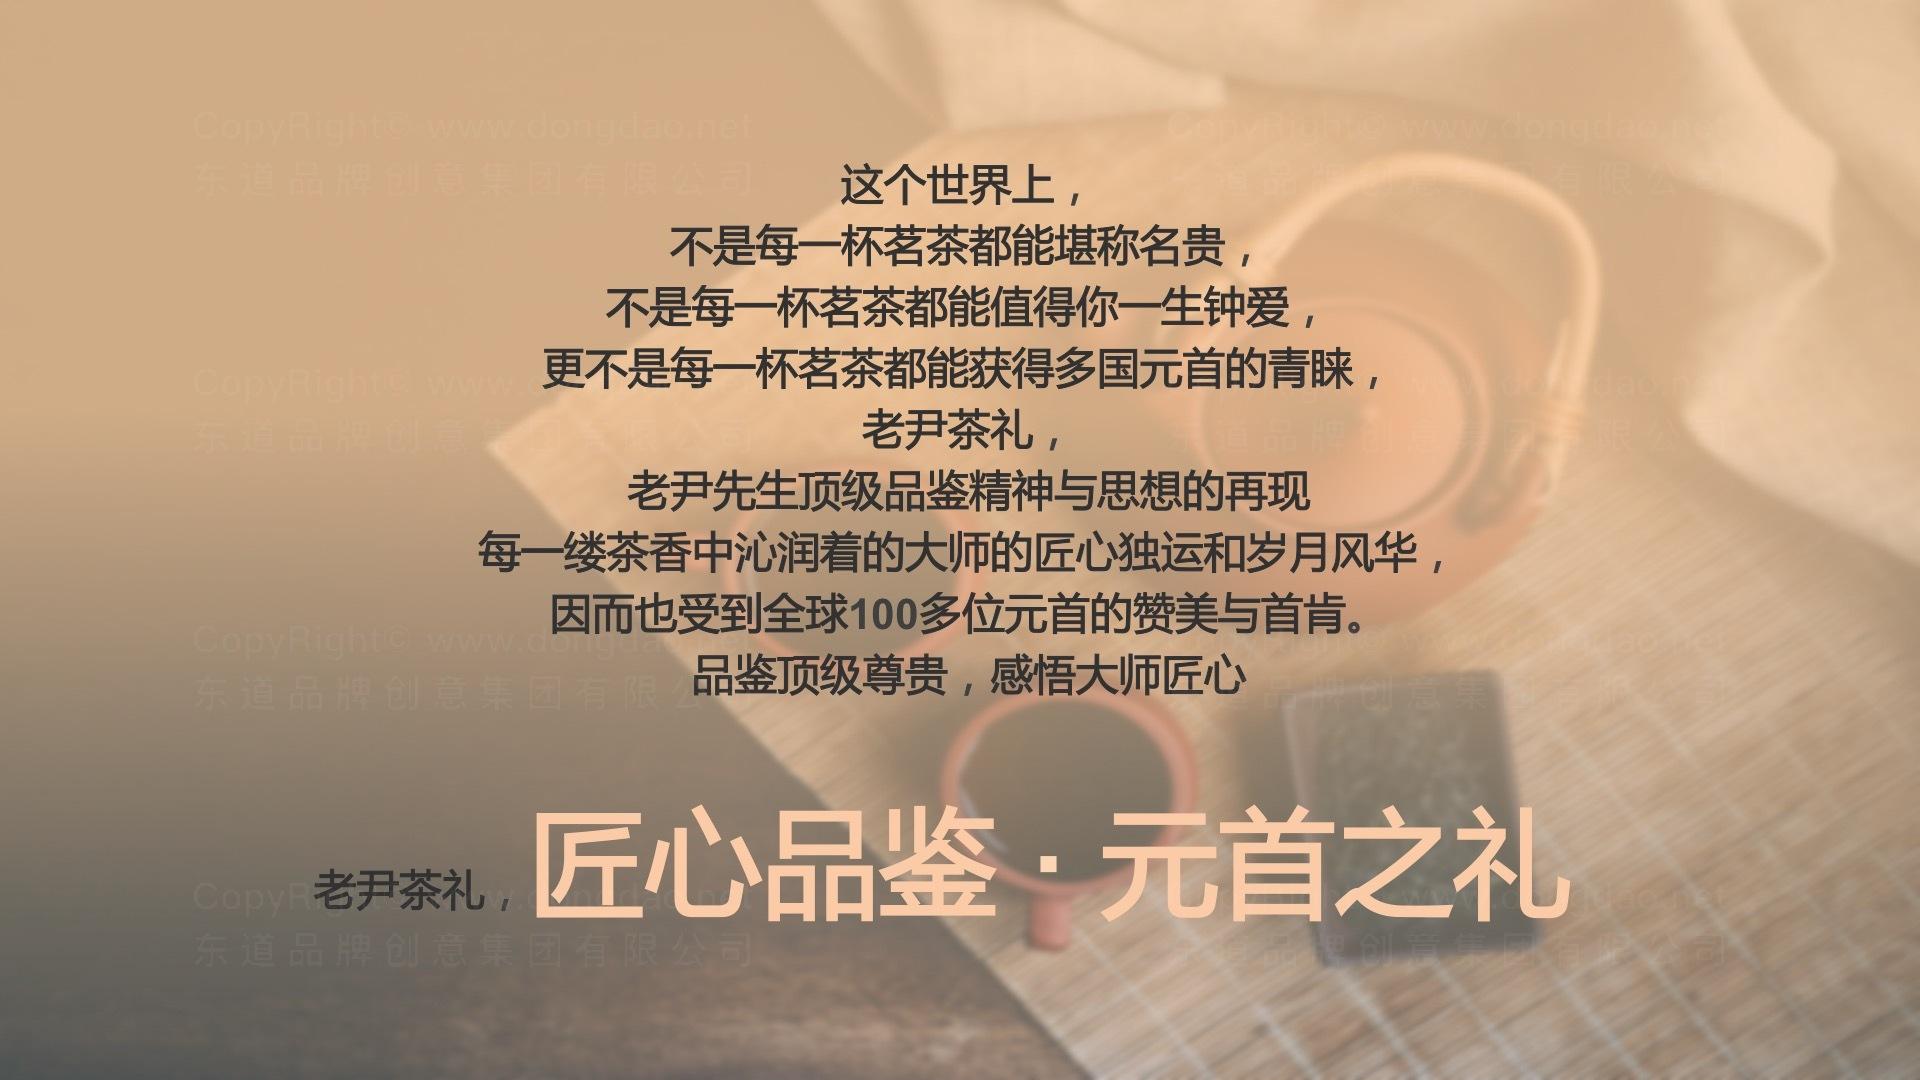 品牌战略&企业文化老舍茶馆高端茶礼品牌战略规划应用场景_3